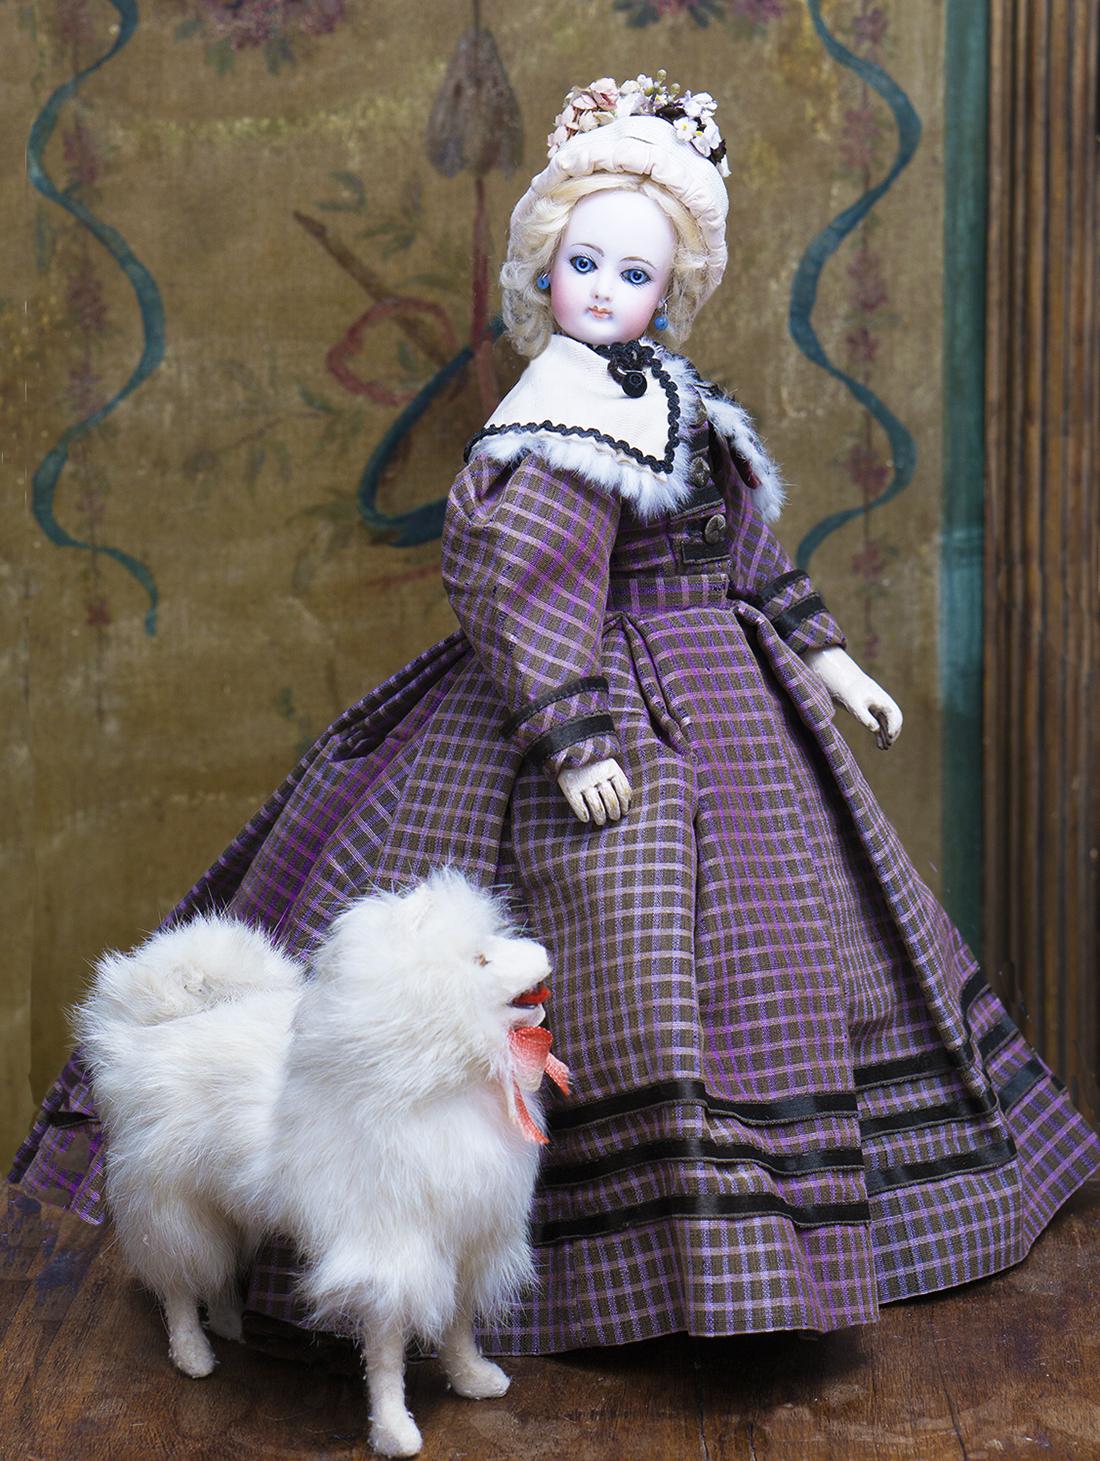 35см Модная кукла Готье с деревянным телом, в оригинальном наряде